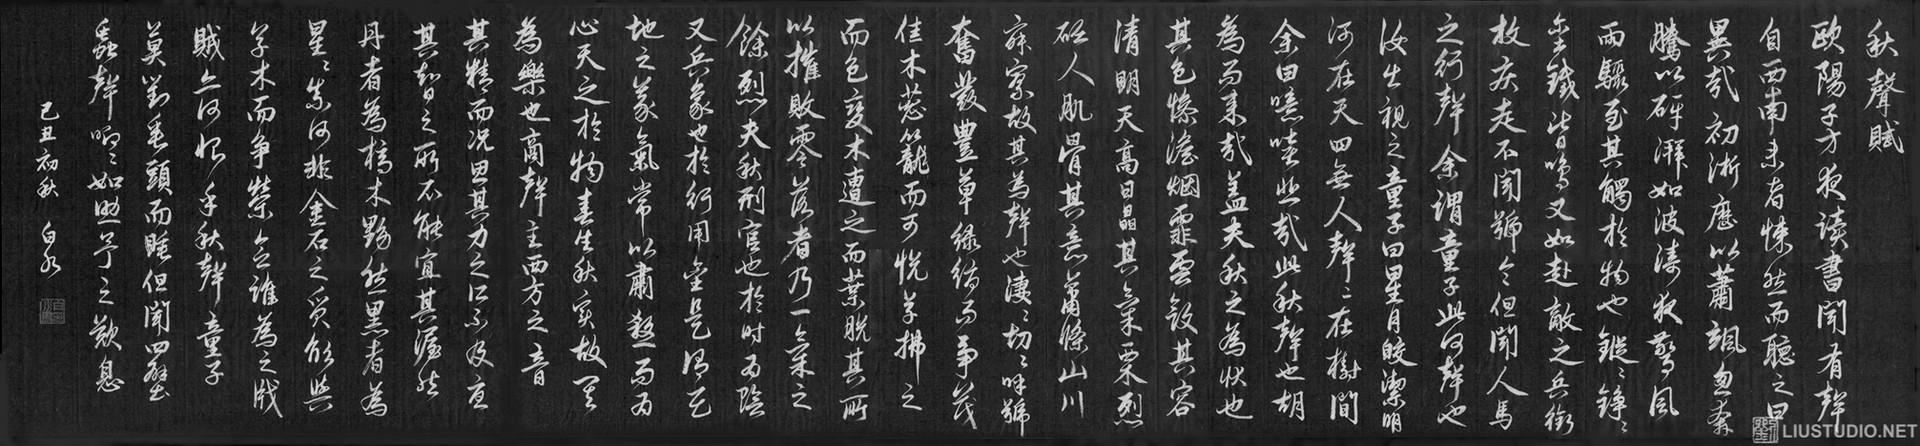 临赵孟頫《秋声赋》